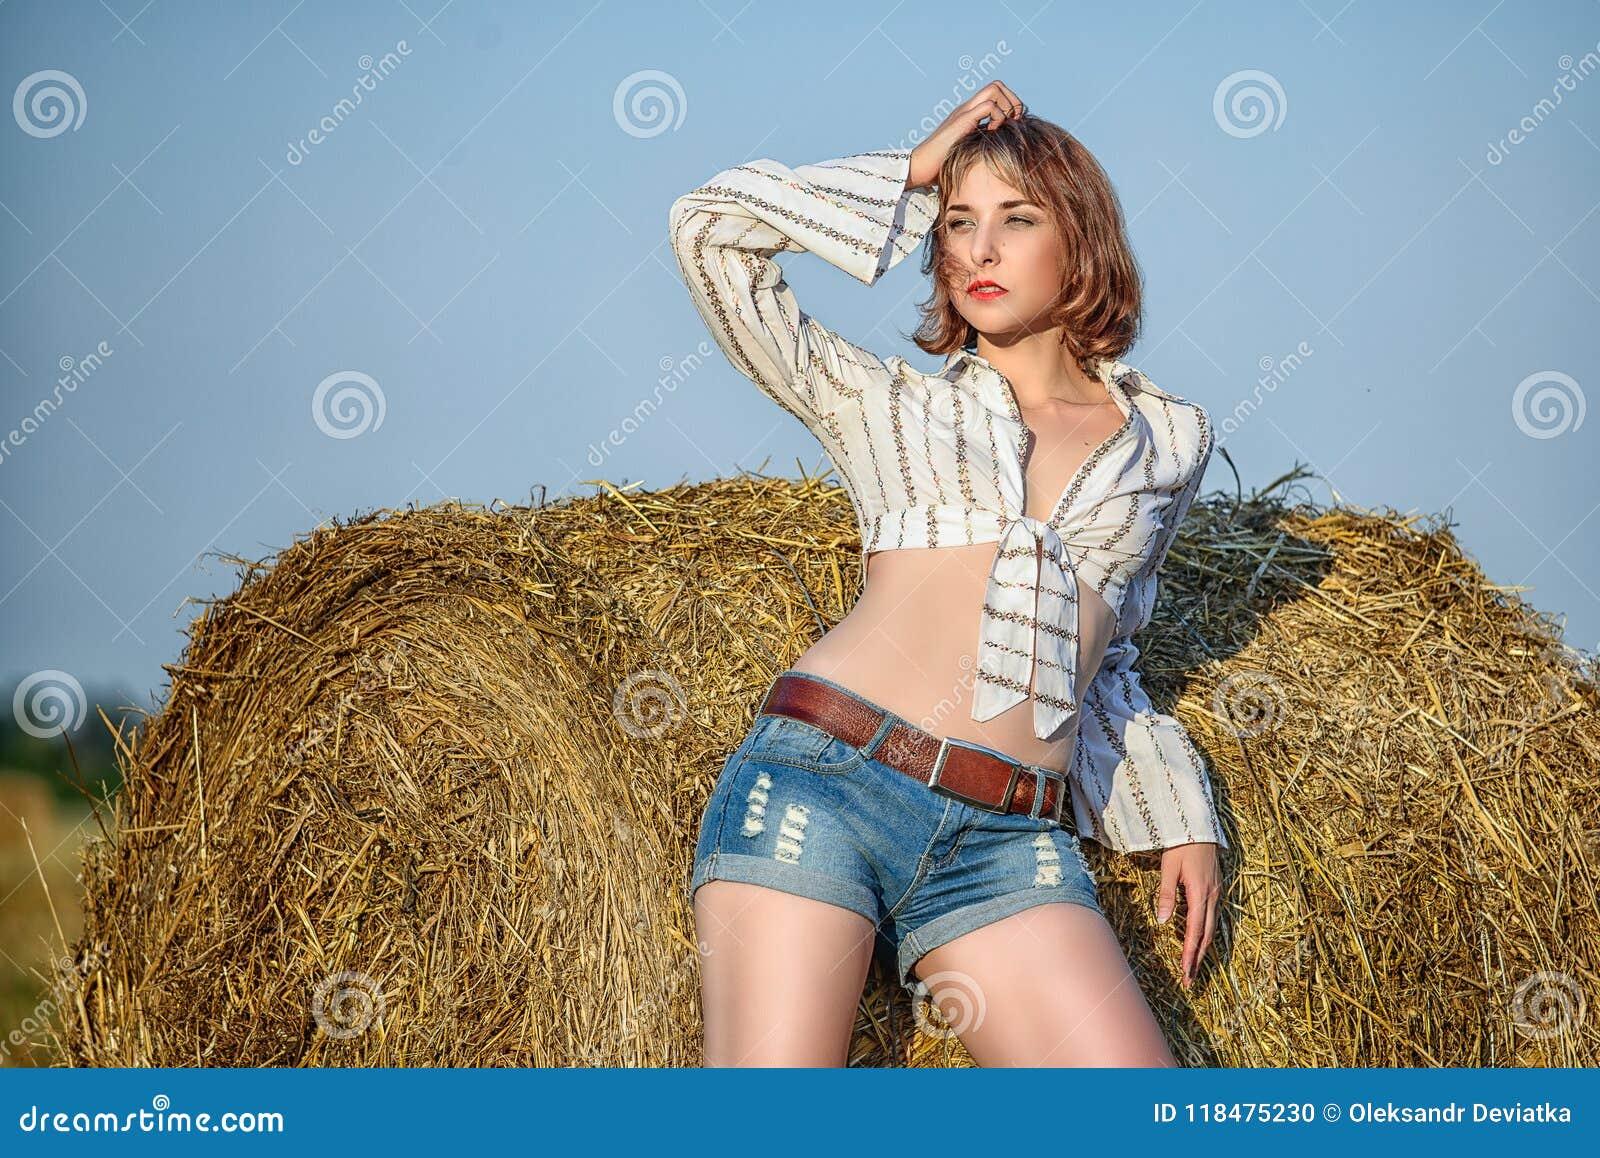 La chica joven hermosa con las piernas finas largas y el vientre desnudo en un dril de algodón pone en cortocircuito y camisa en